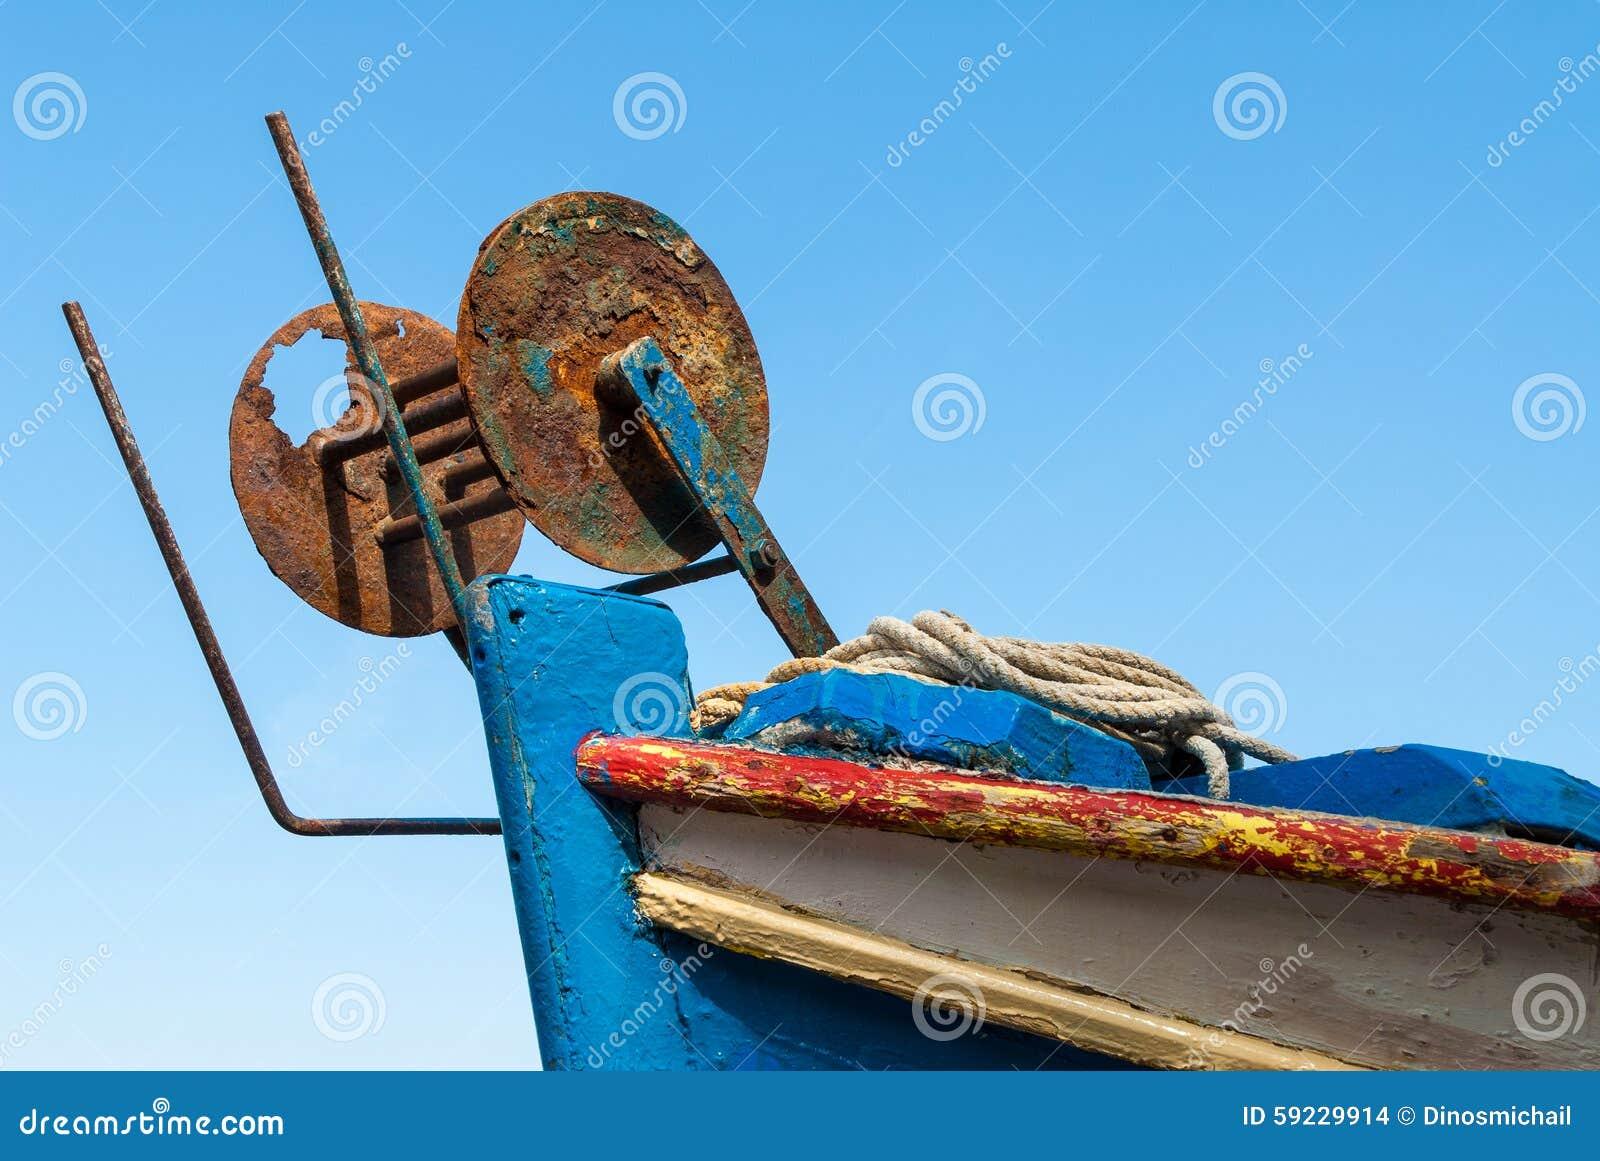 Download Barco de pesca en Grecia foto de archivo. Imagen de nautical - 59229914